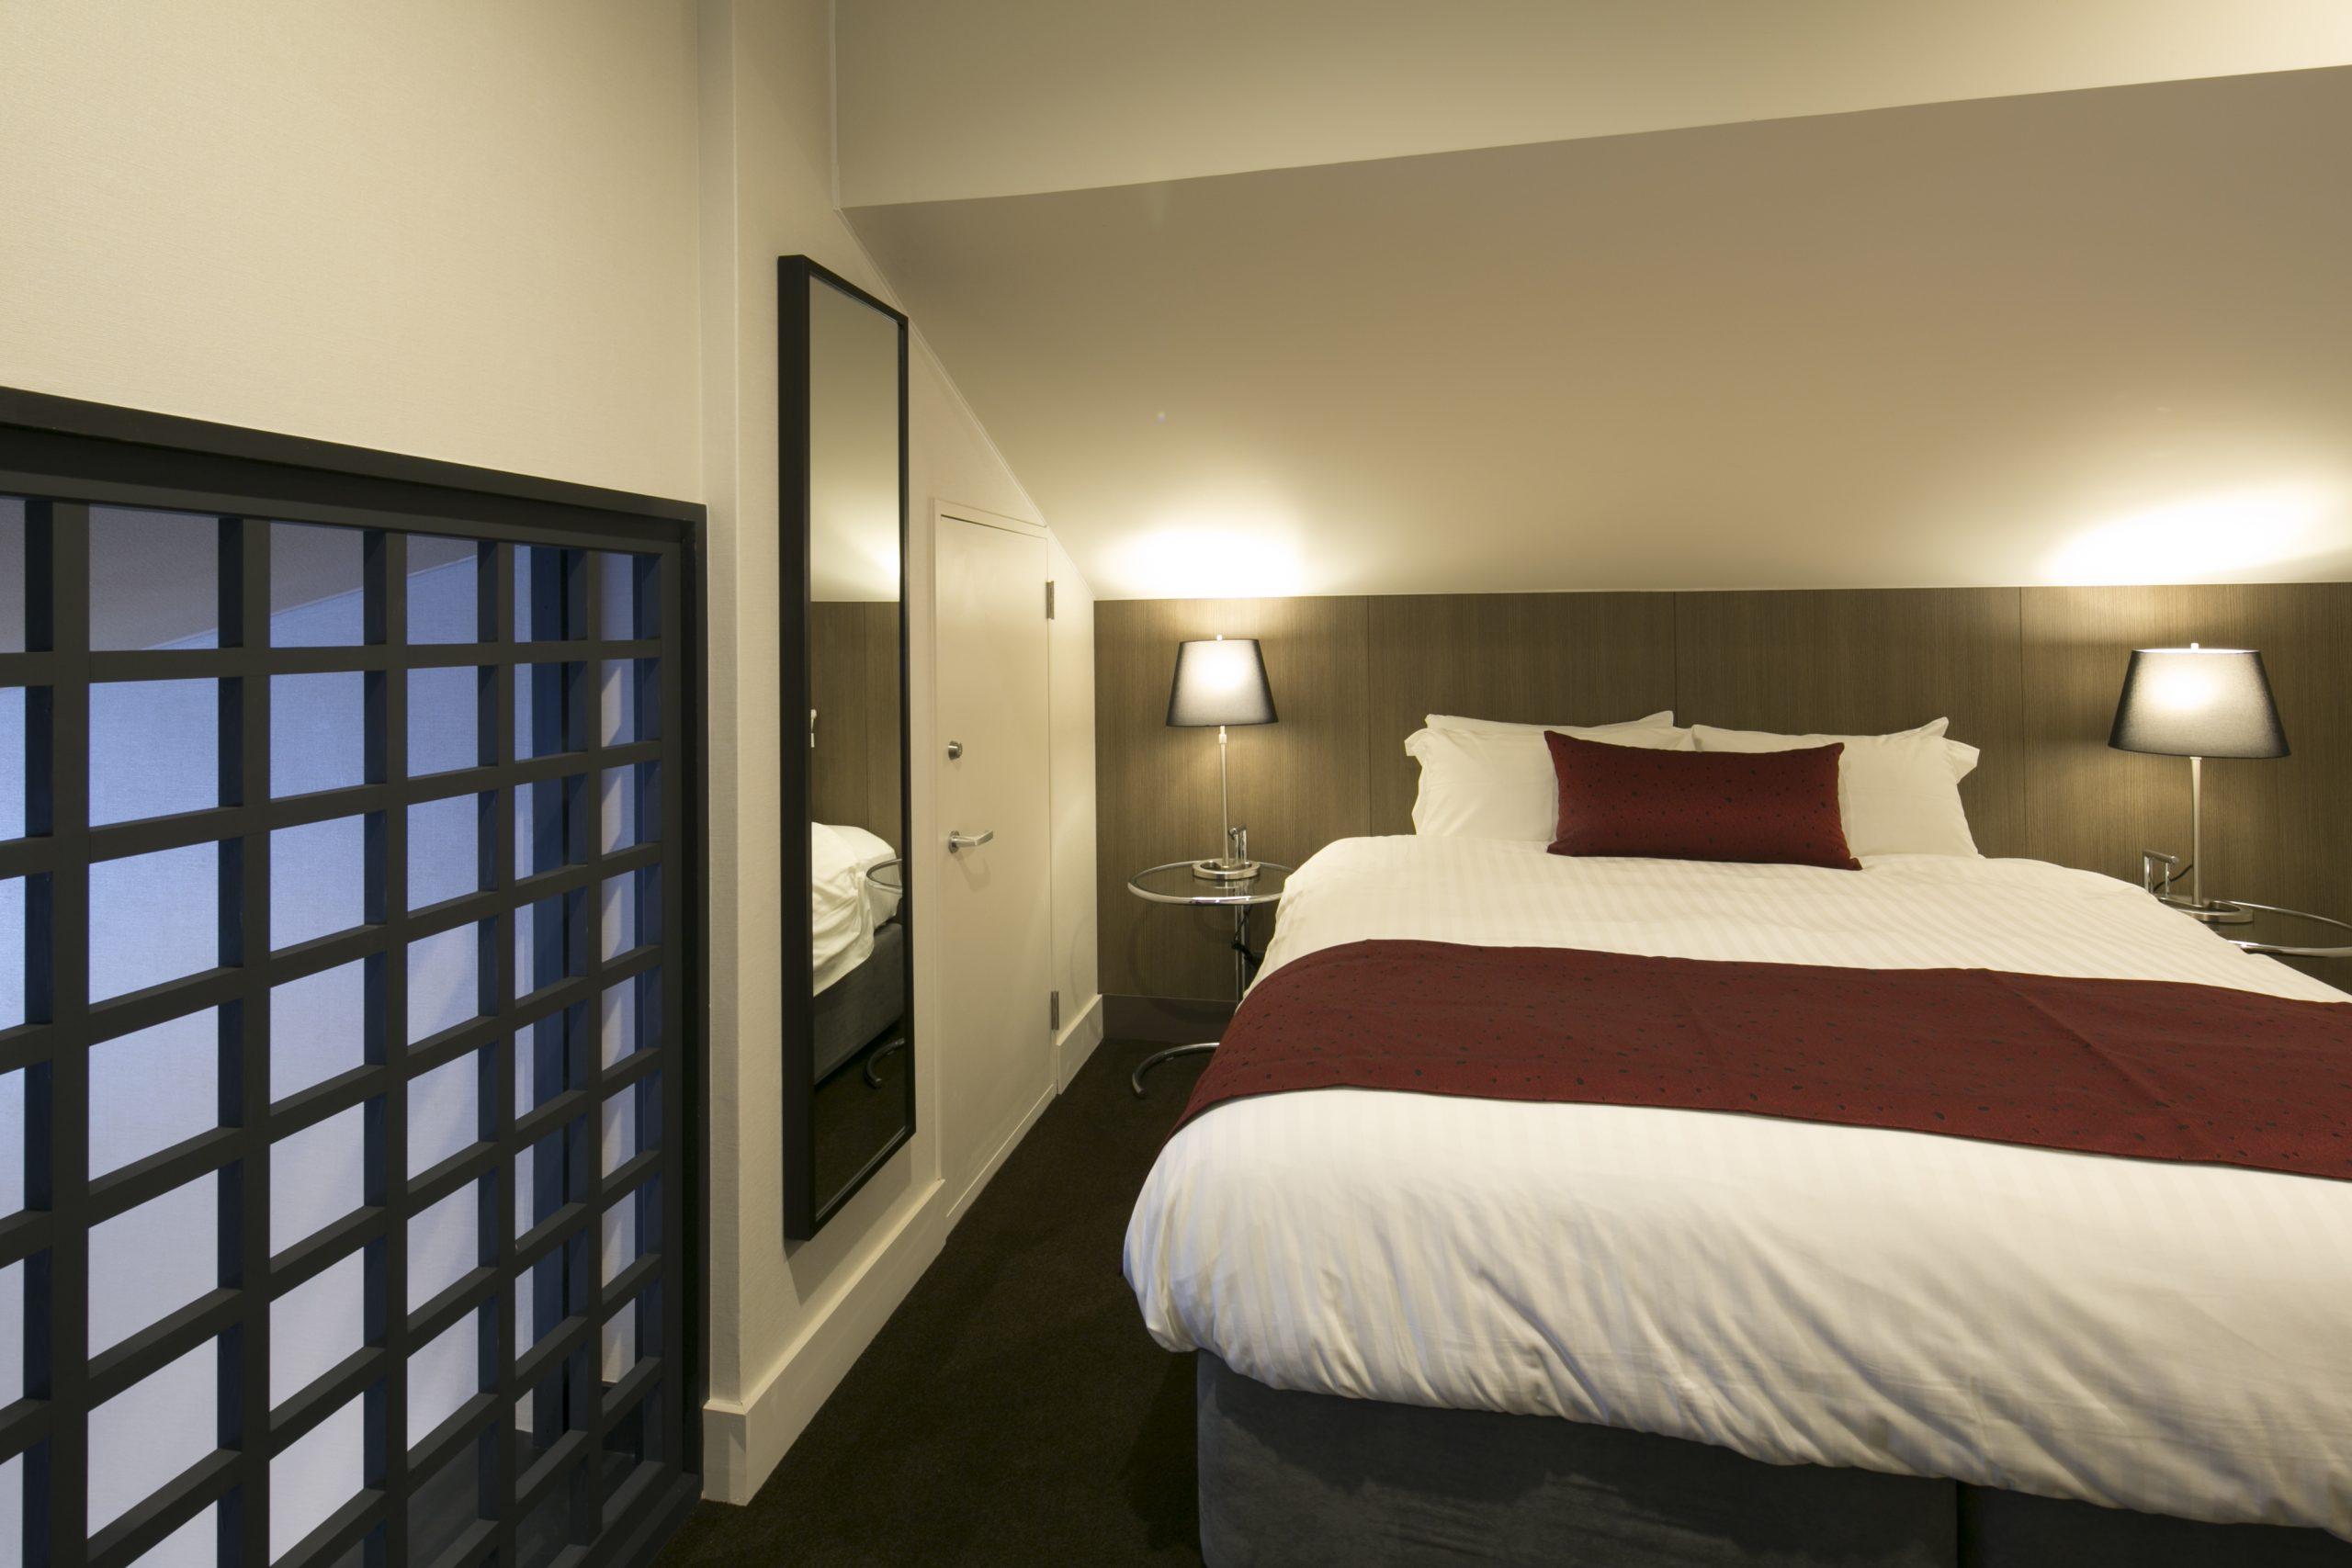 1-Bedroom Loft Apartment